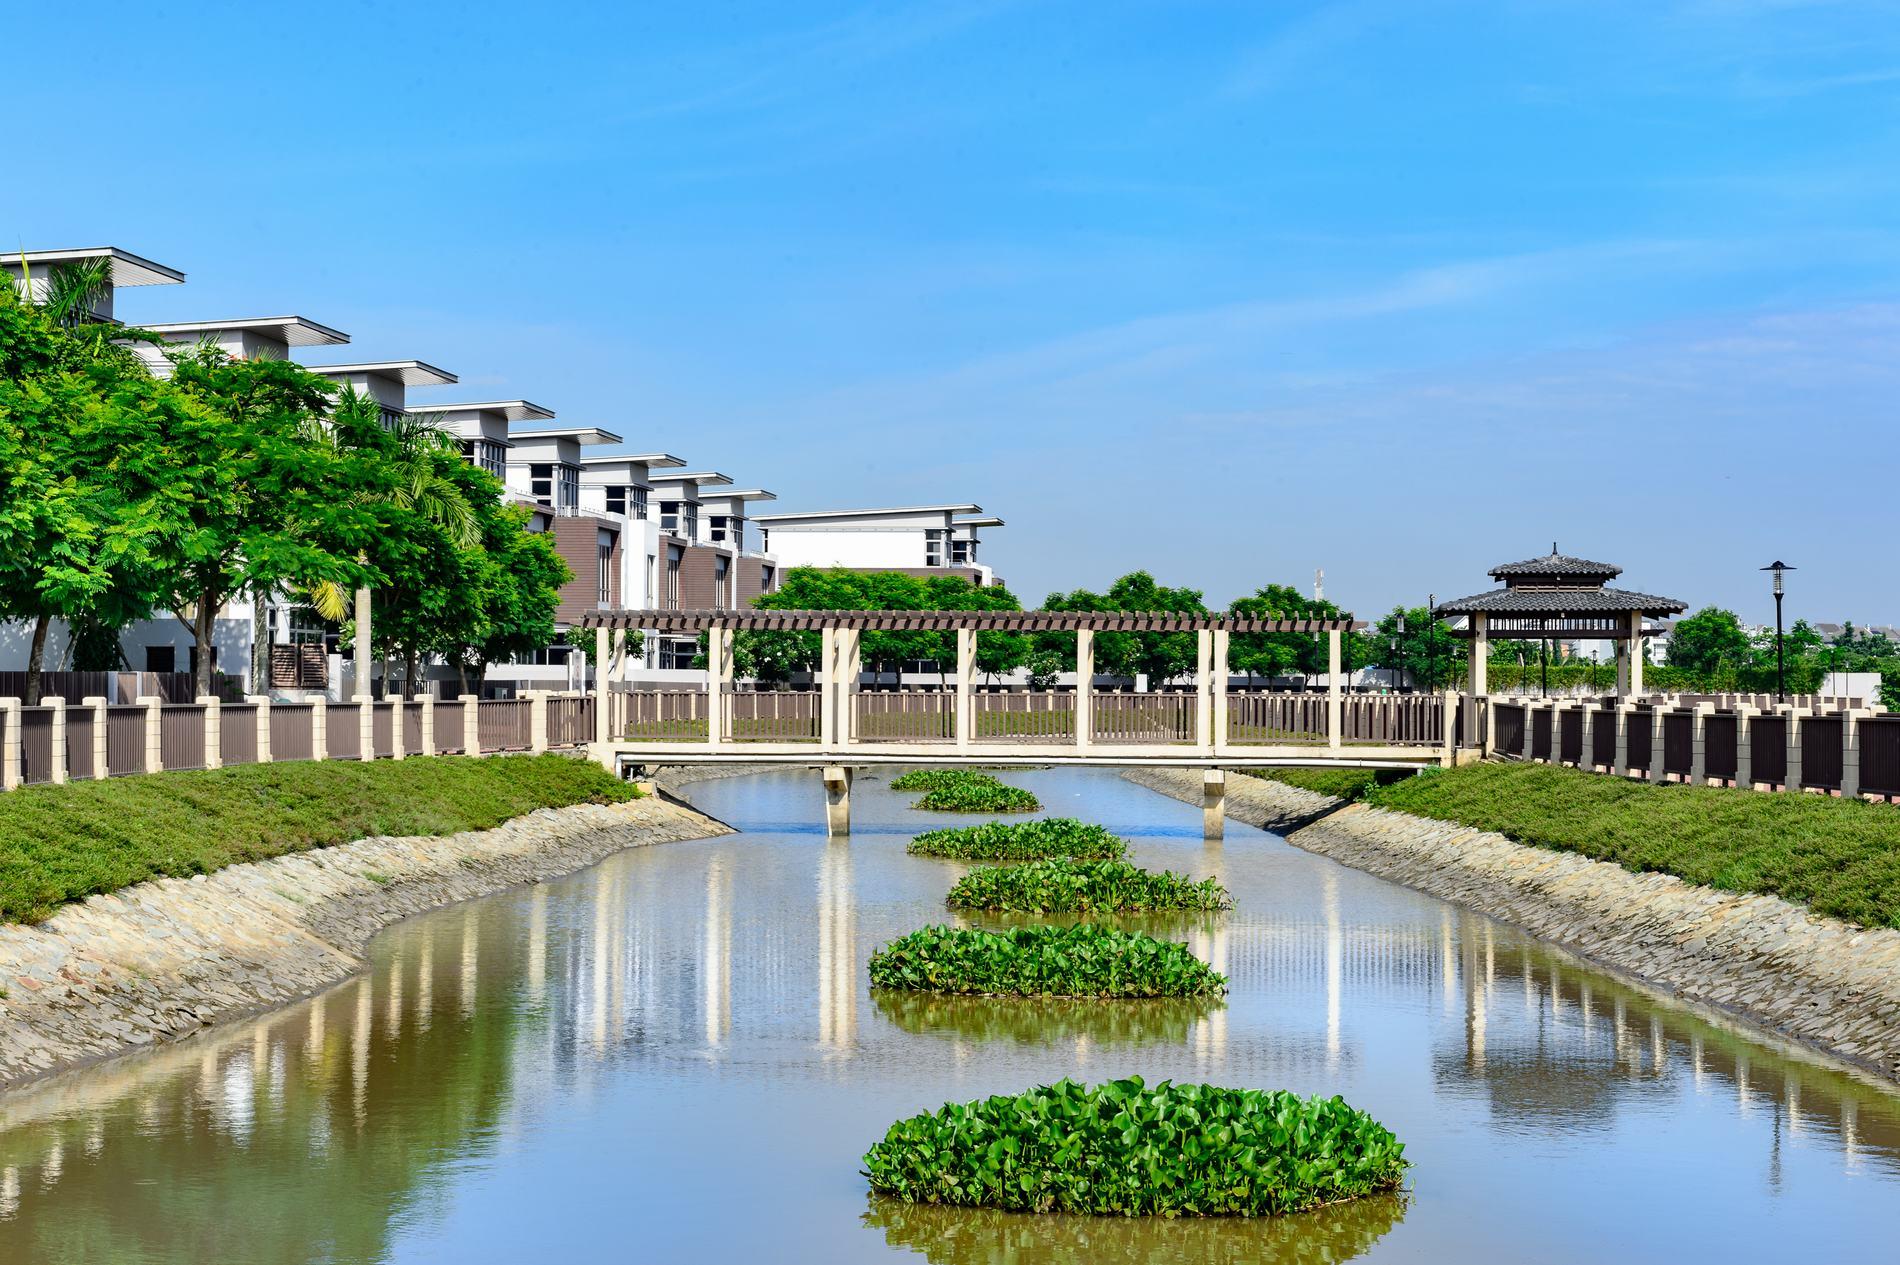 Riviera Cove Keppel Land quận 9 – Biệt thự ven sông lần đầu tiên xuất hiện tại khu Đông Sài Gòn. 3